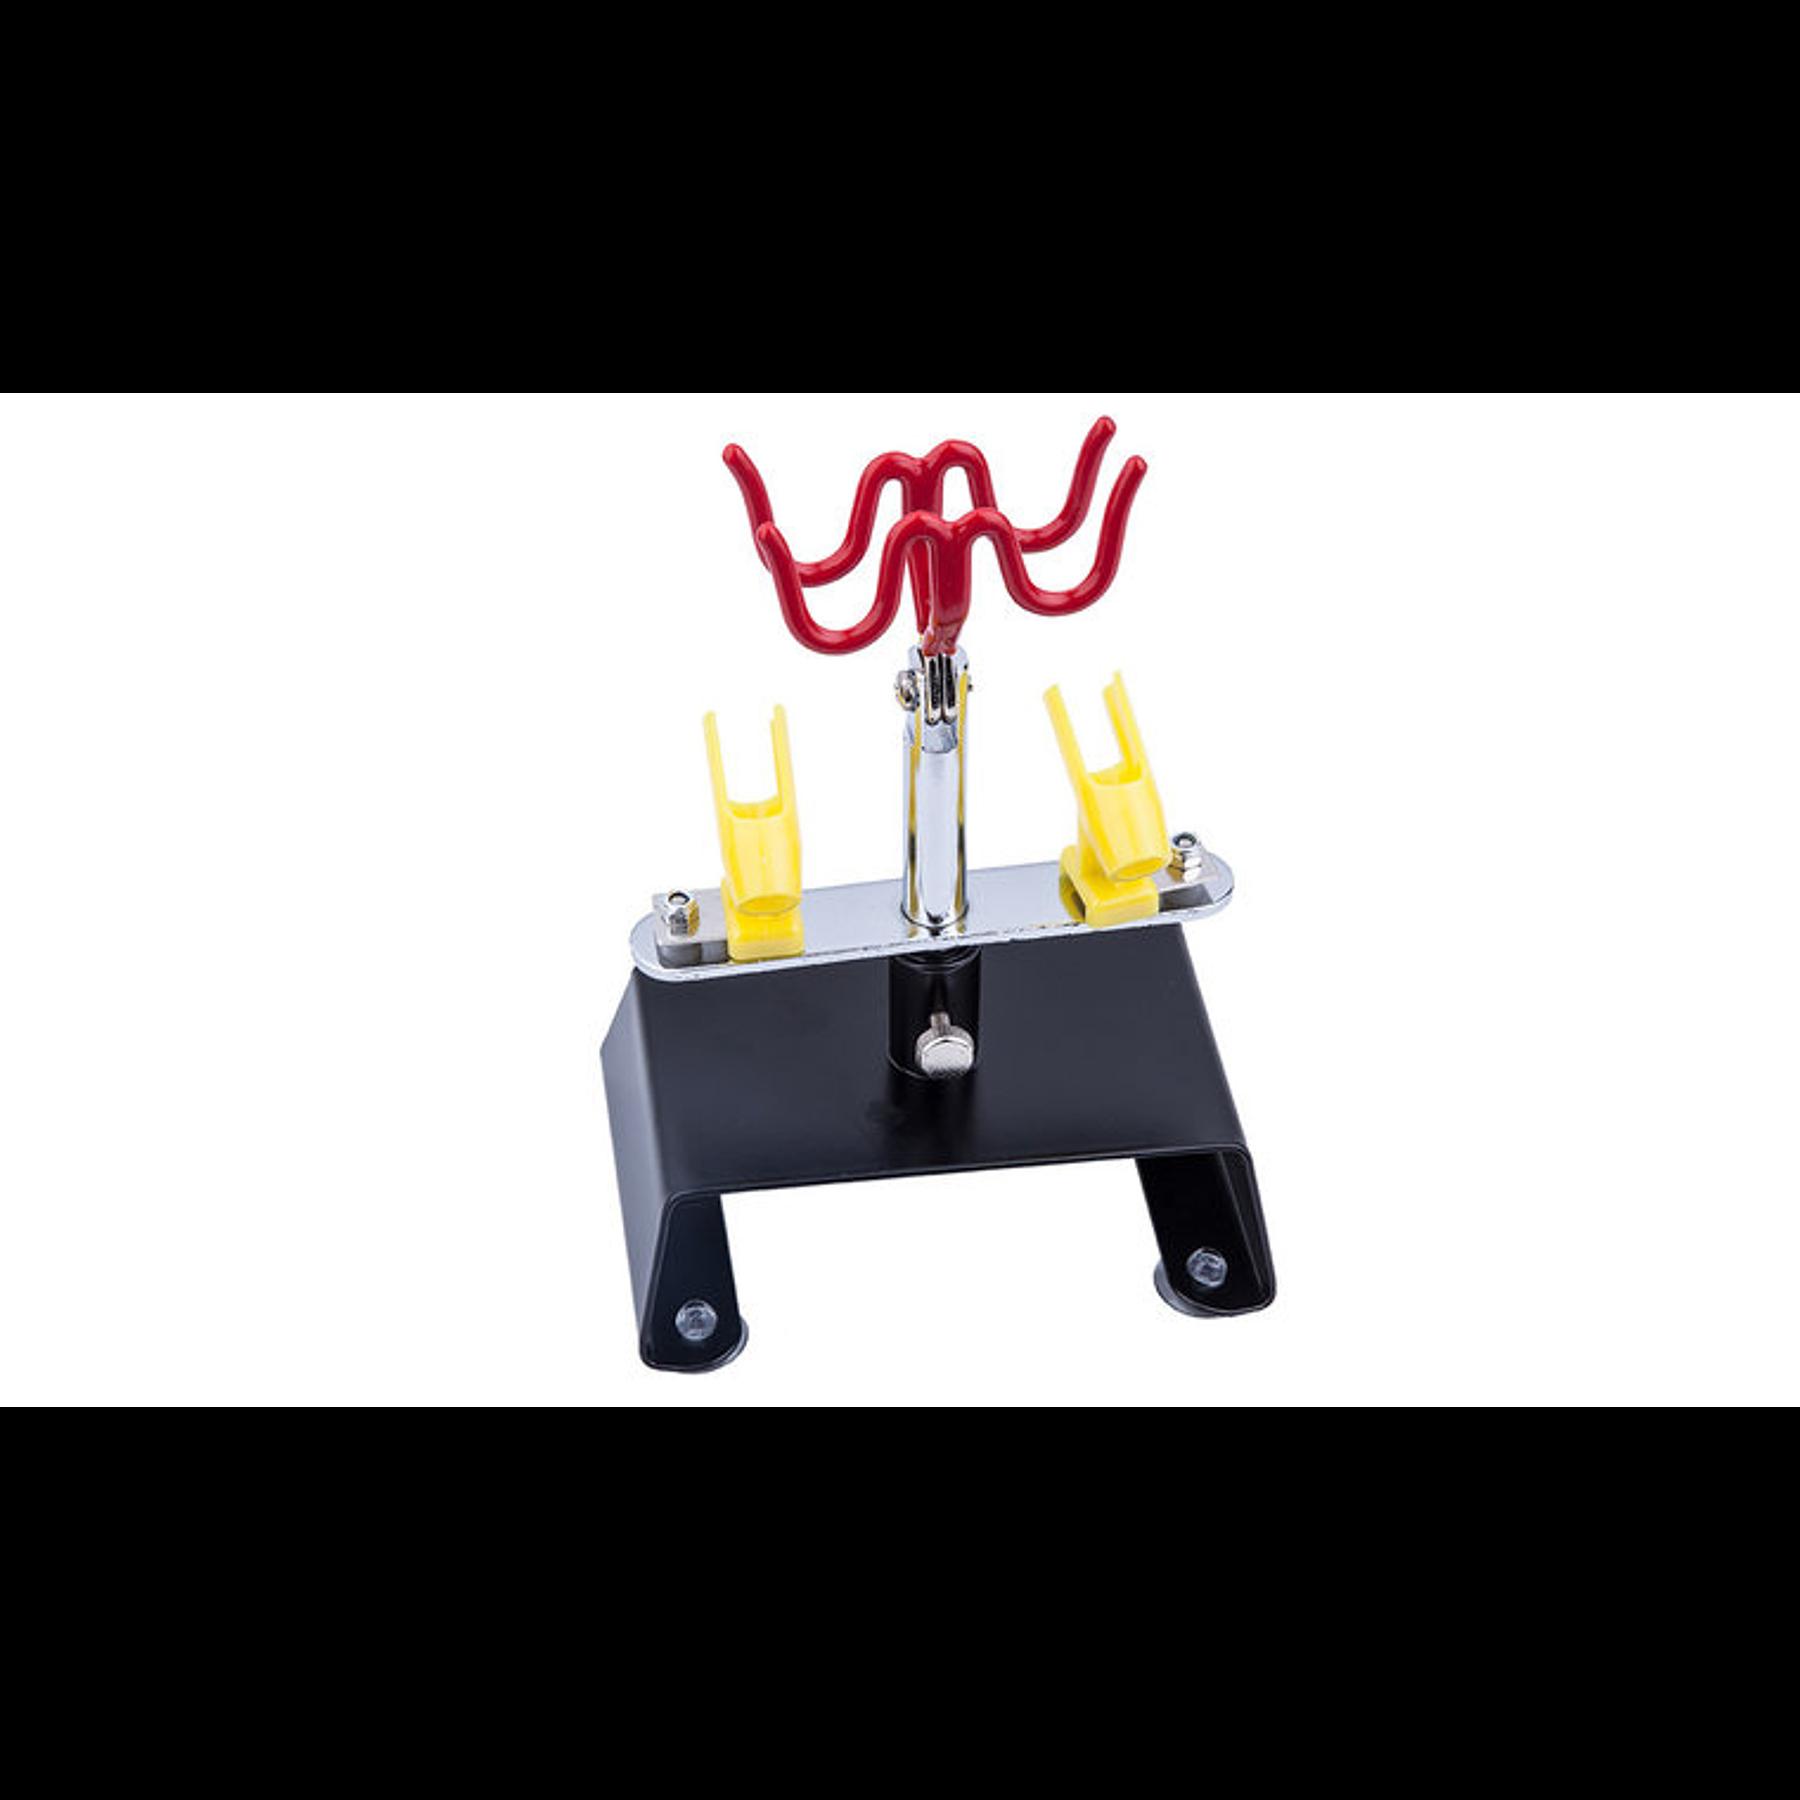 Airbrush holder Table model